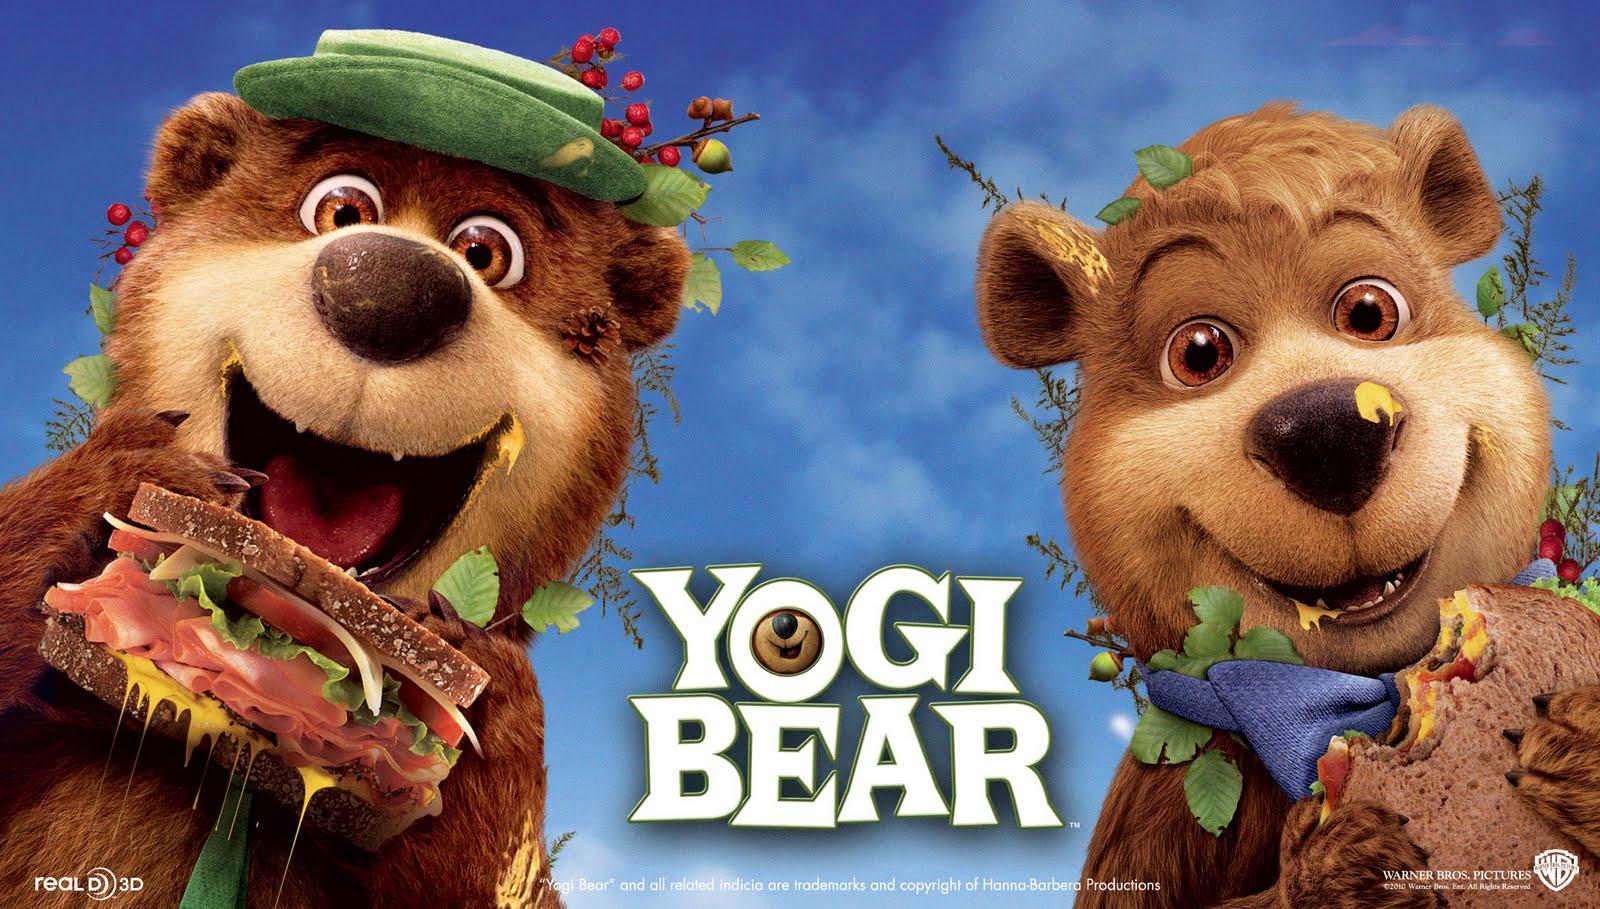 http://1.bp.blogspot.com/-3MU7Uwcdlt8/Tgu9ahQsLDI/AAAAAAAAAGc/220UPZxM334/s1600/Yogi-Bear-Boo-Boo-Movie-Wallpaper-2.jpg